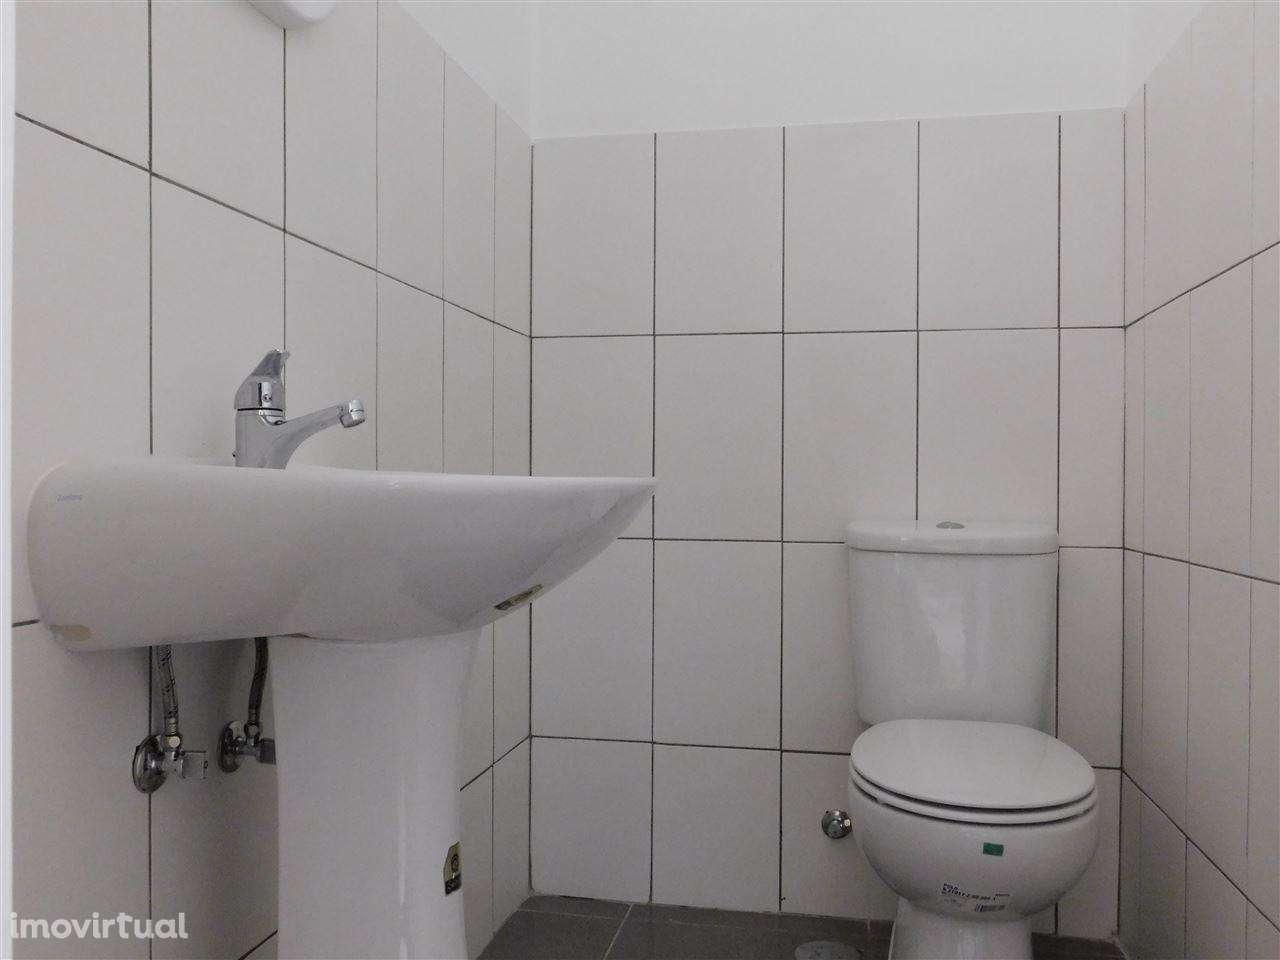 Apartamento para comprar, Fundão, Valverde, Donas, Aldeia de Joanes e Aldeia Nova do Cabo, Castelo Branco - Foto 6